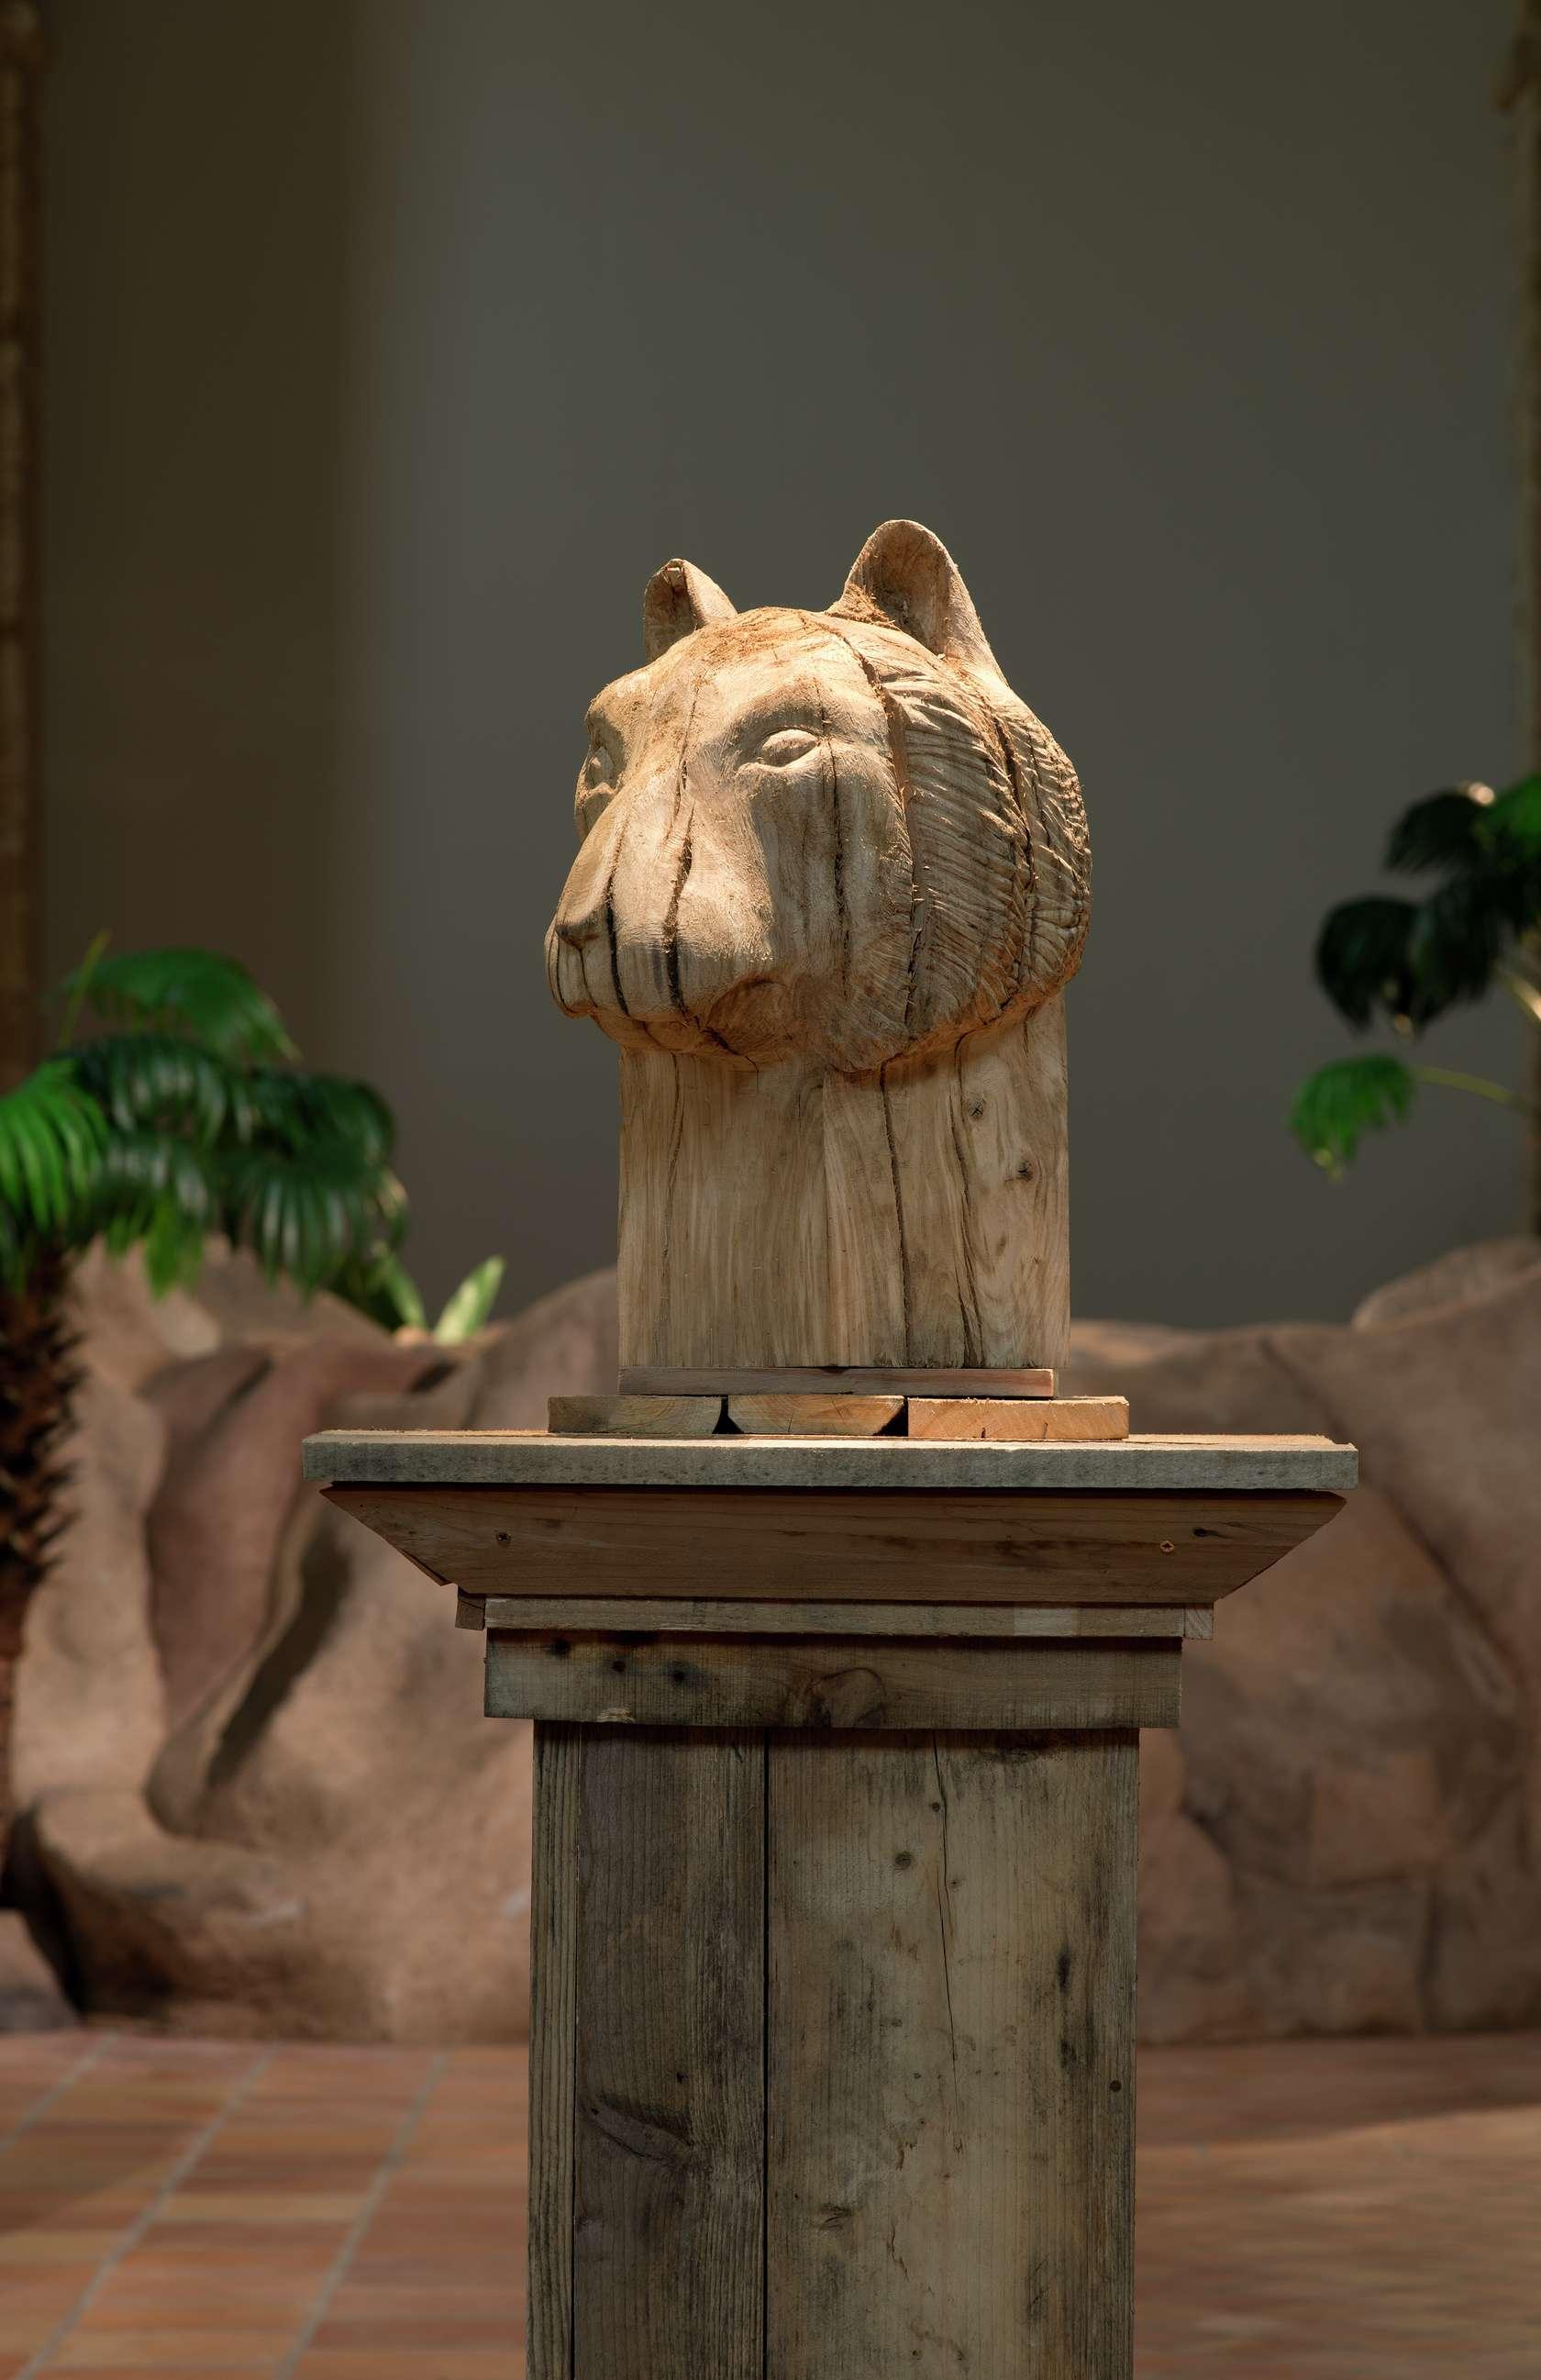 Laurent Le Deunff, Tête de tigre, 2017 Chêne et bois de palettes173 x 69 x 68.5cm / 68 1/8 x 27 1/8 x 27 inches